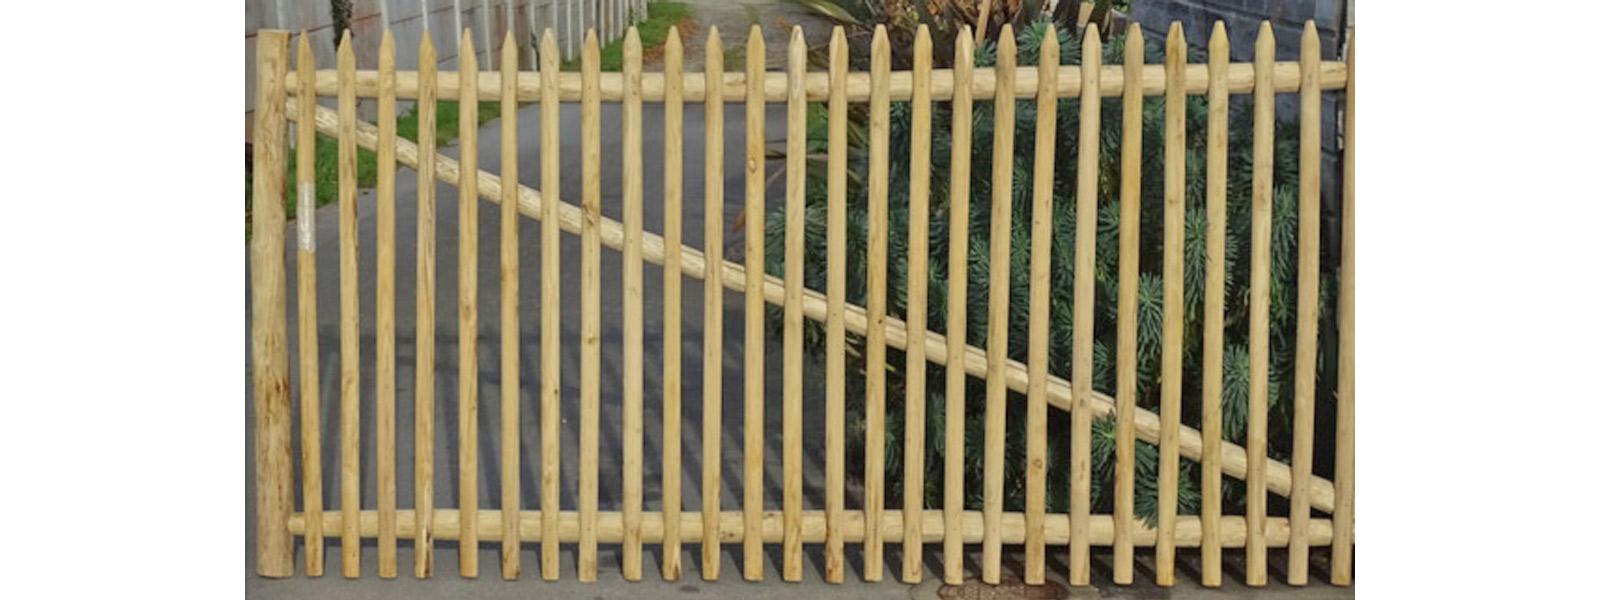 Nos fabrications : Portillons en bois